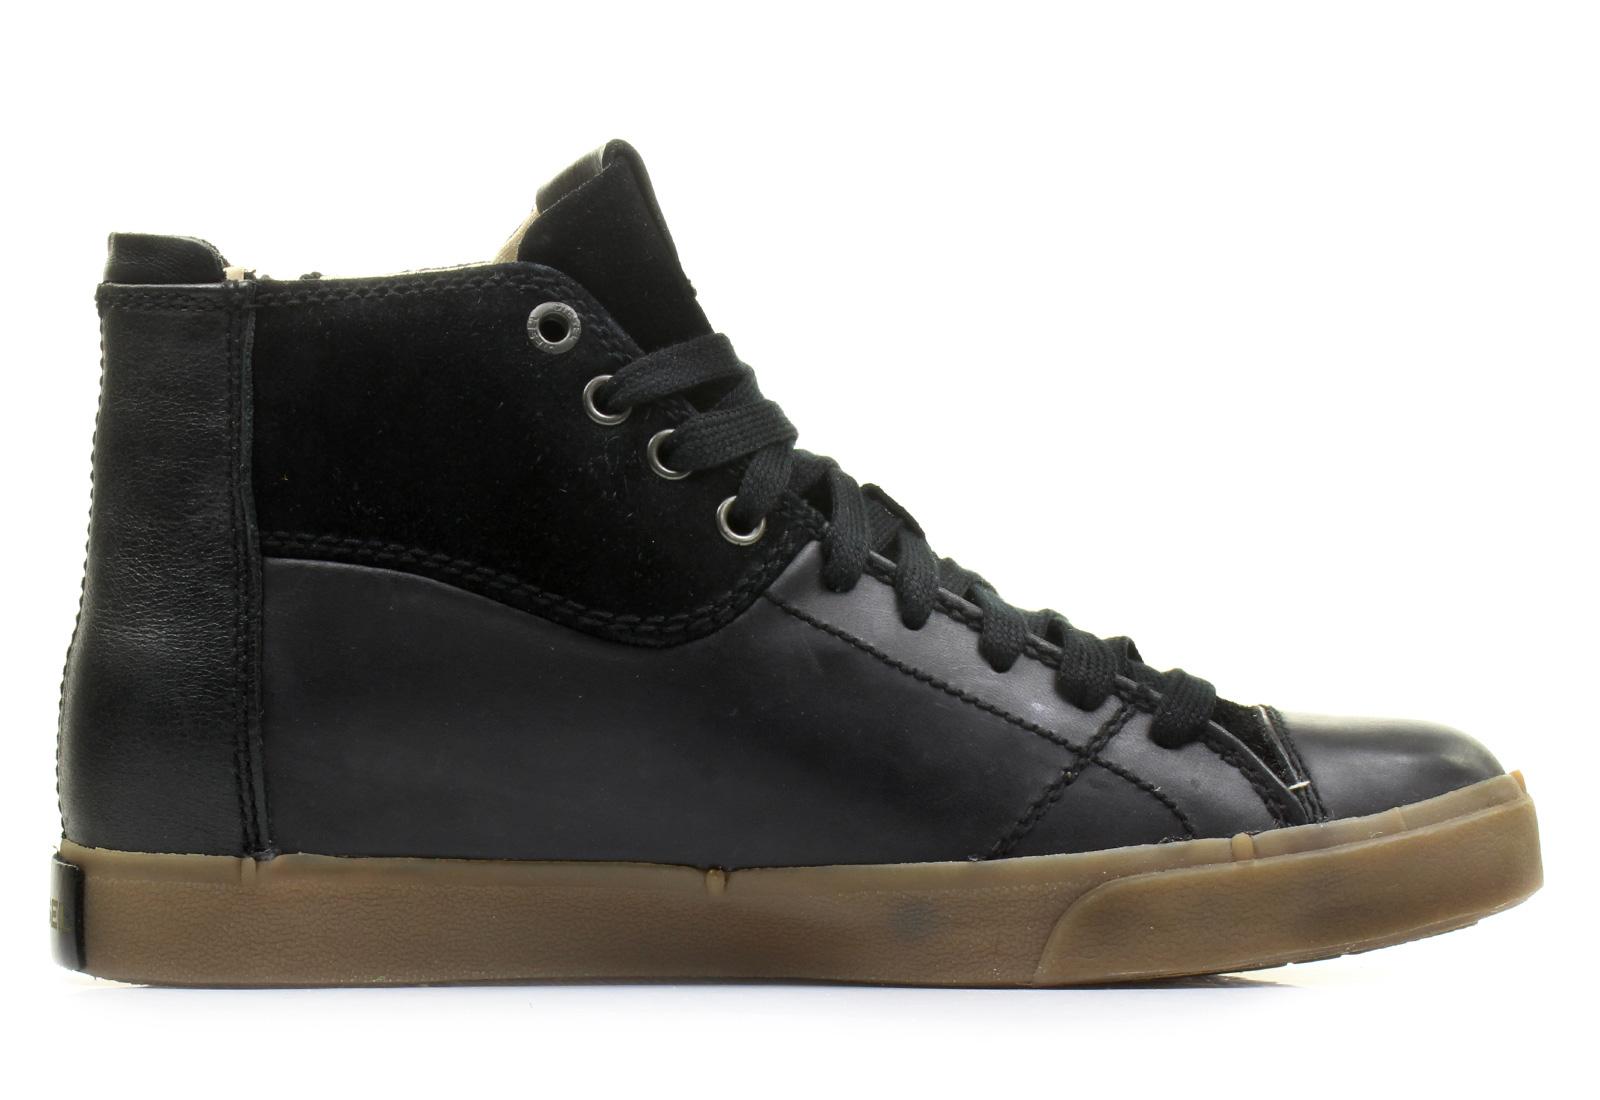 Diesel Shoes - D-zippy - 780-459-8013 - Online shop for ...